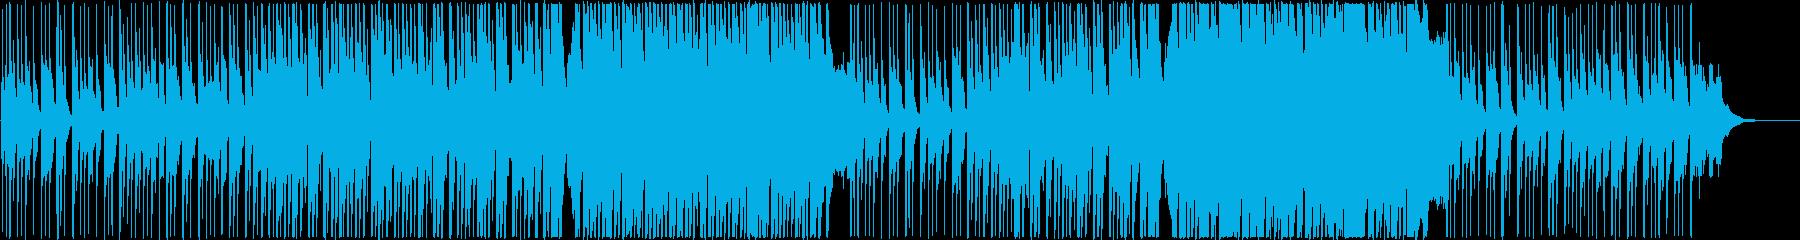 ほのぼの優しい和風バラード・三味線尺八箏の再生済みの波形